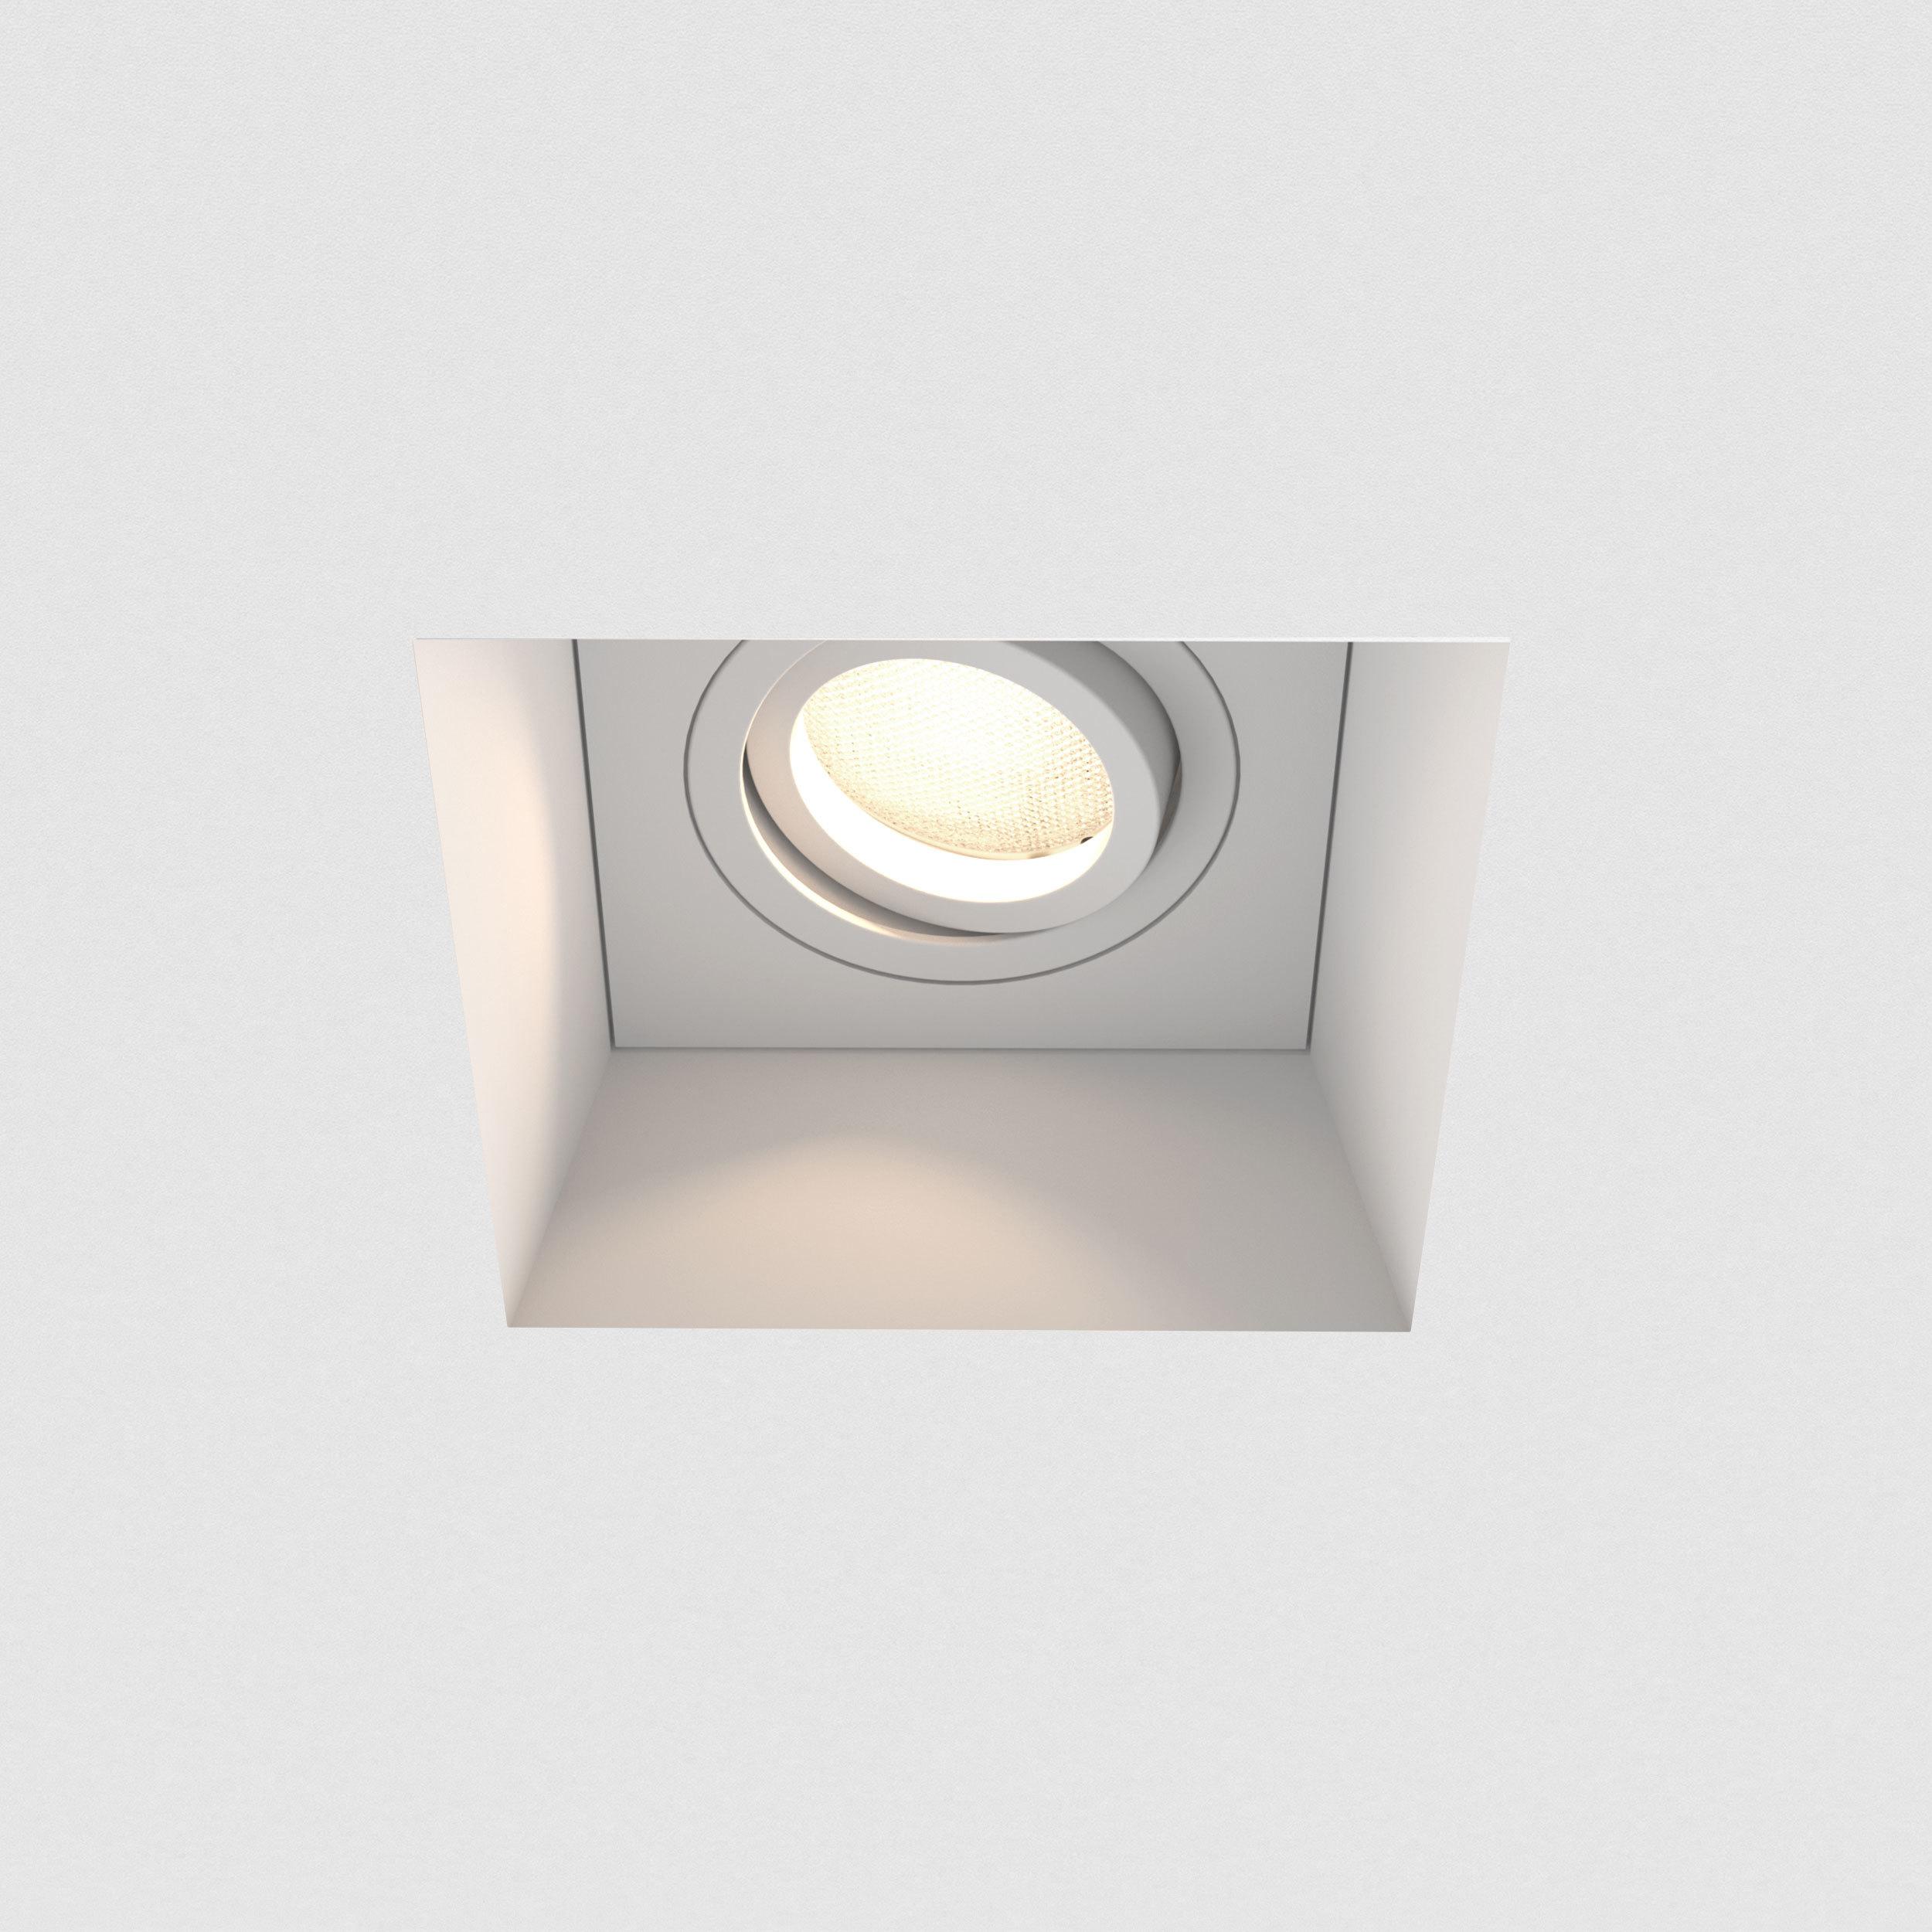 Встраиваемый светильник Astro Blanco 1253007 (7345), 1xGU10x50W, белый, под покраску, гипс, металл - фото 4